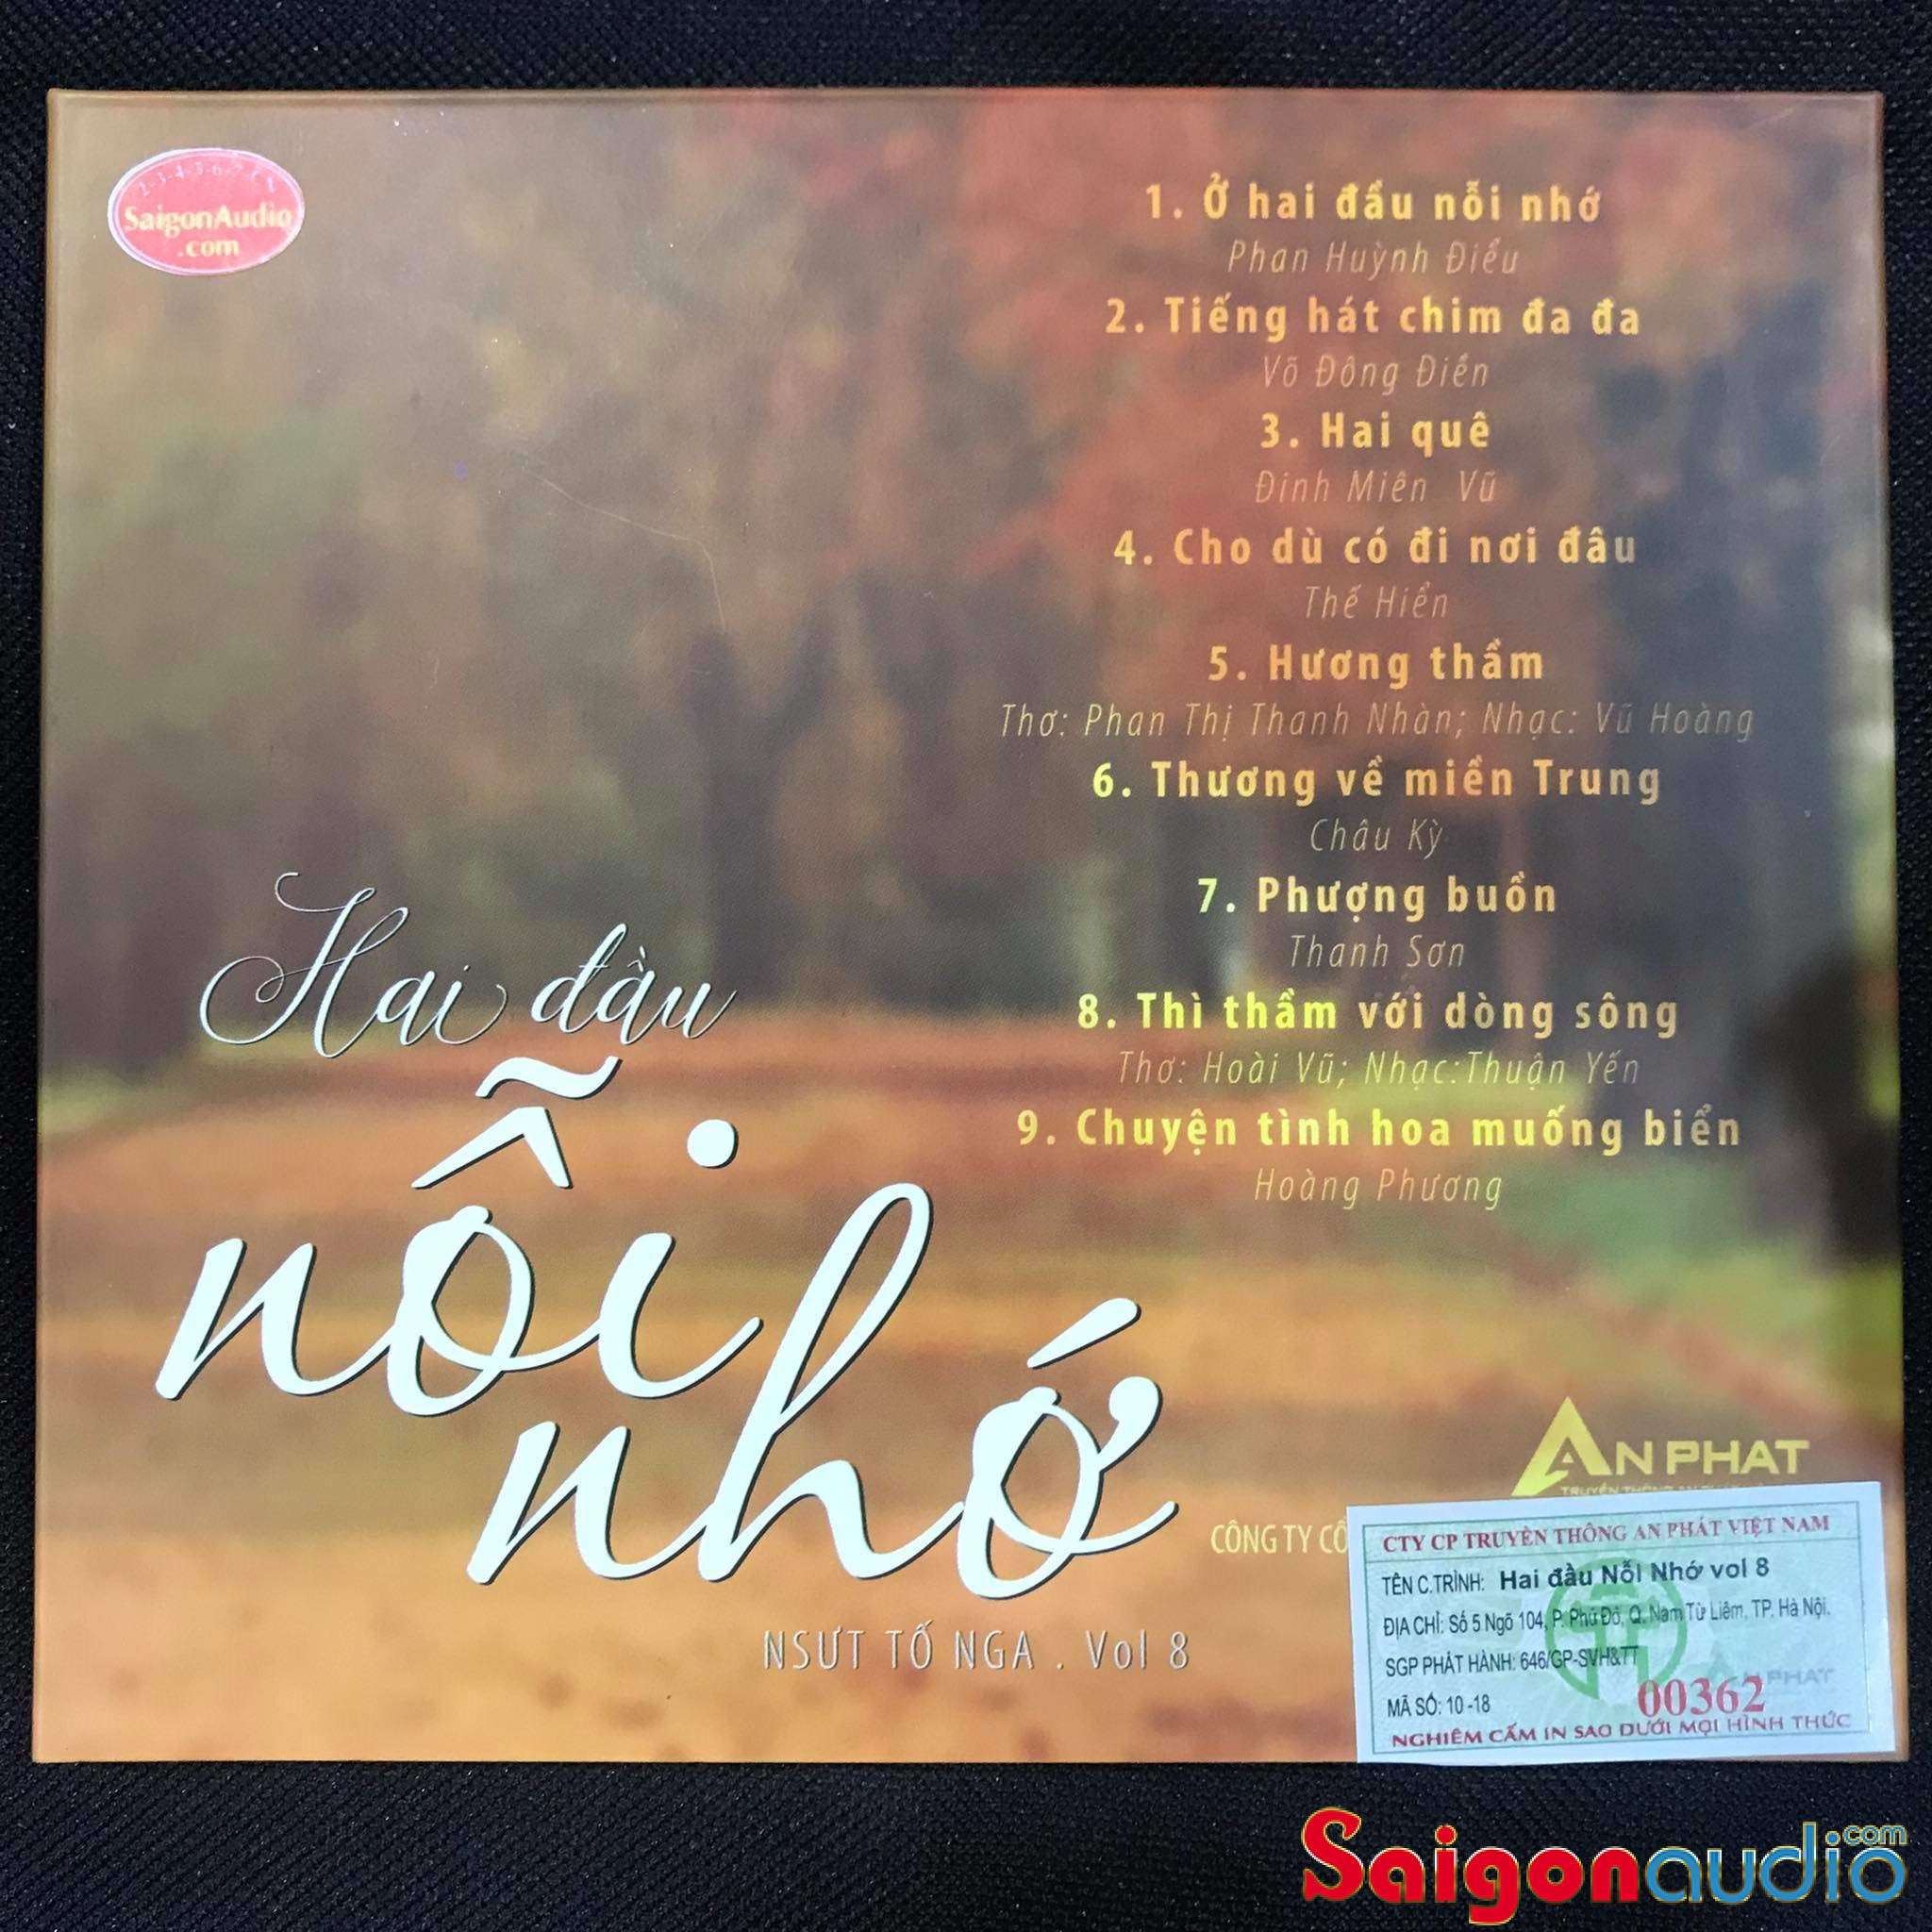 Đĩa CD nhạc gốc Tố Nga - Hai Đầu Nỗi Nhớ (Free ship khi mua 2 đĩa CD cùng hoặc khác loại)